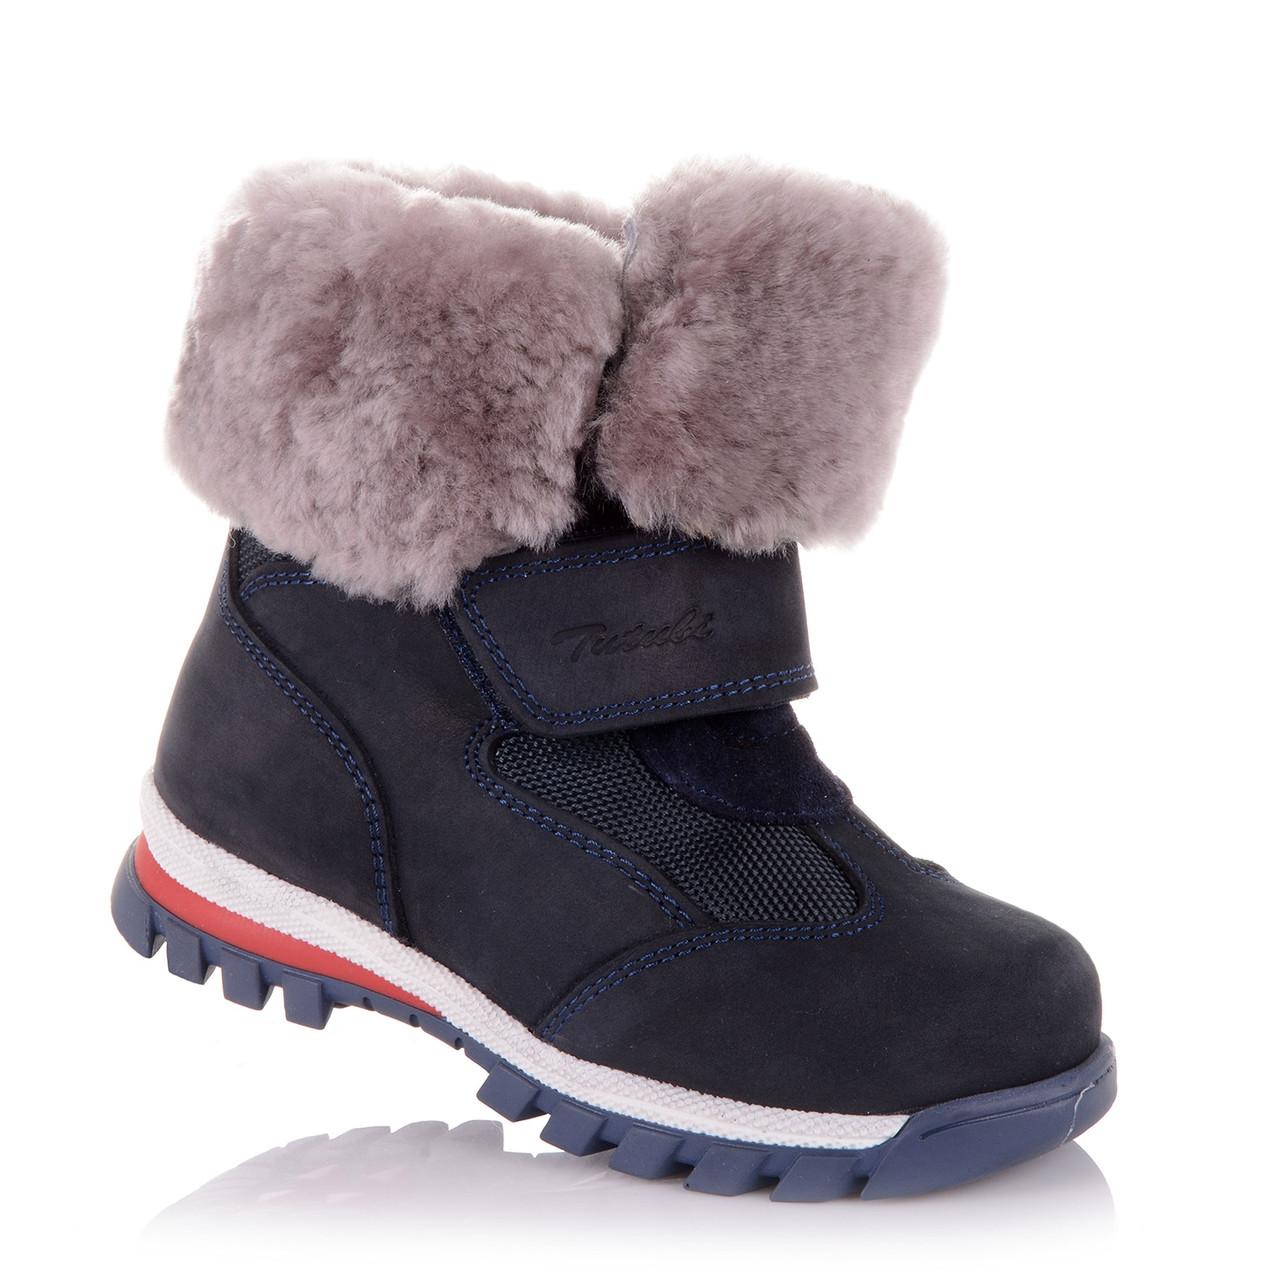 63719243d Зимняя Обувь для Мальчиков Tutubi 11.4.242 (21-25) — в Категории ...